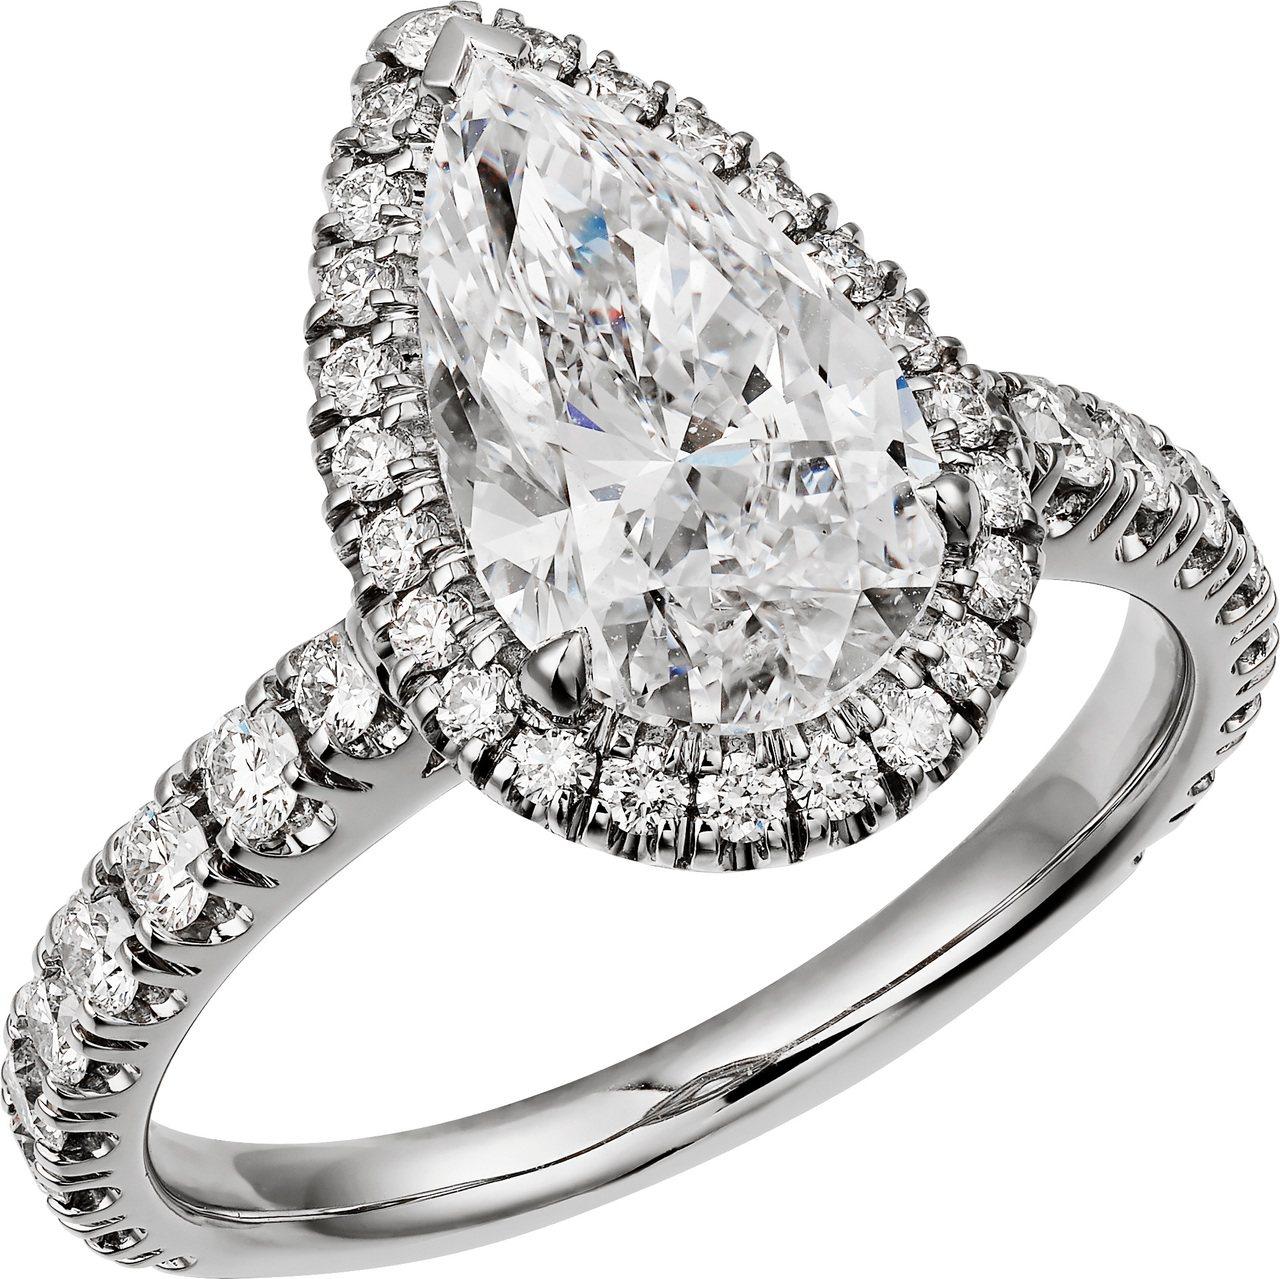 Cartier Destinée系列梨形切割鑽石戒指,主石2-2.50克拉,4...